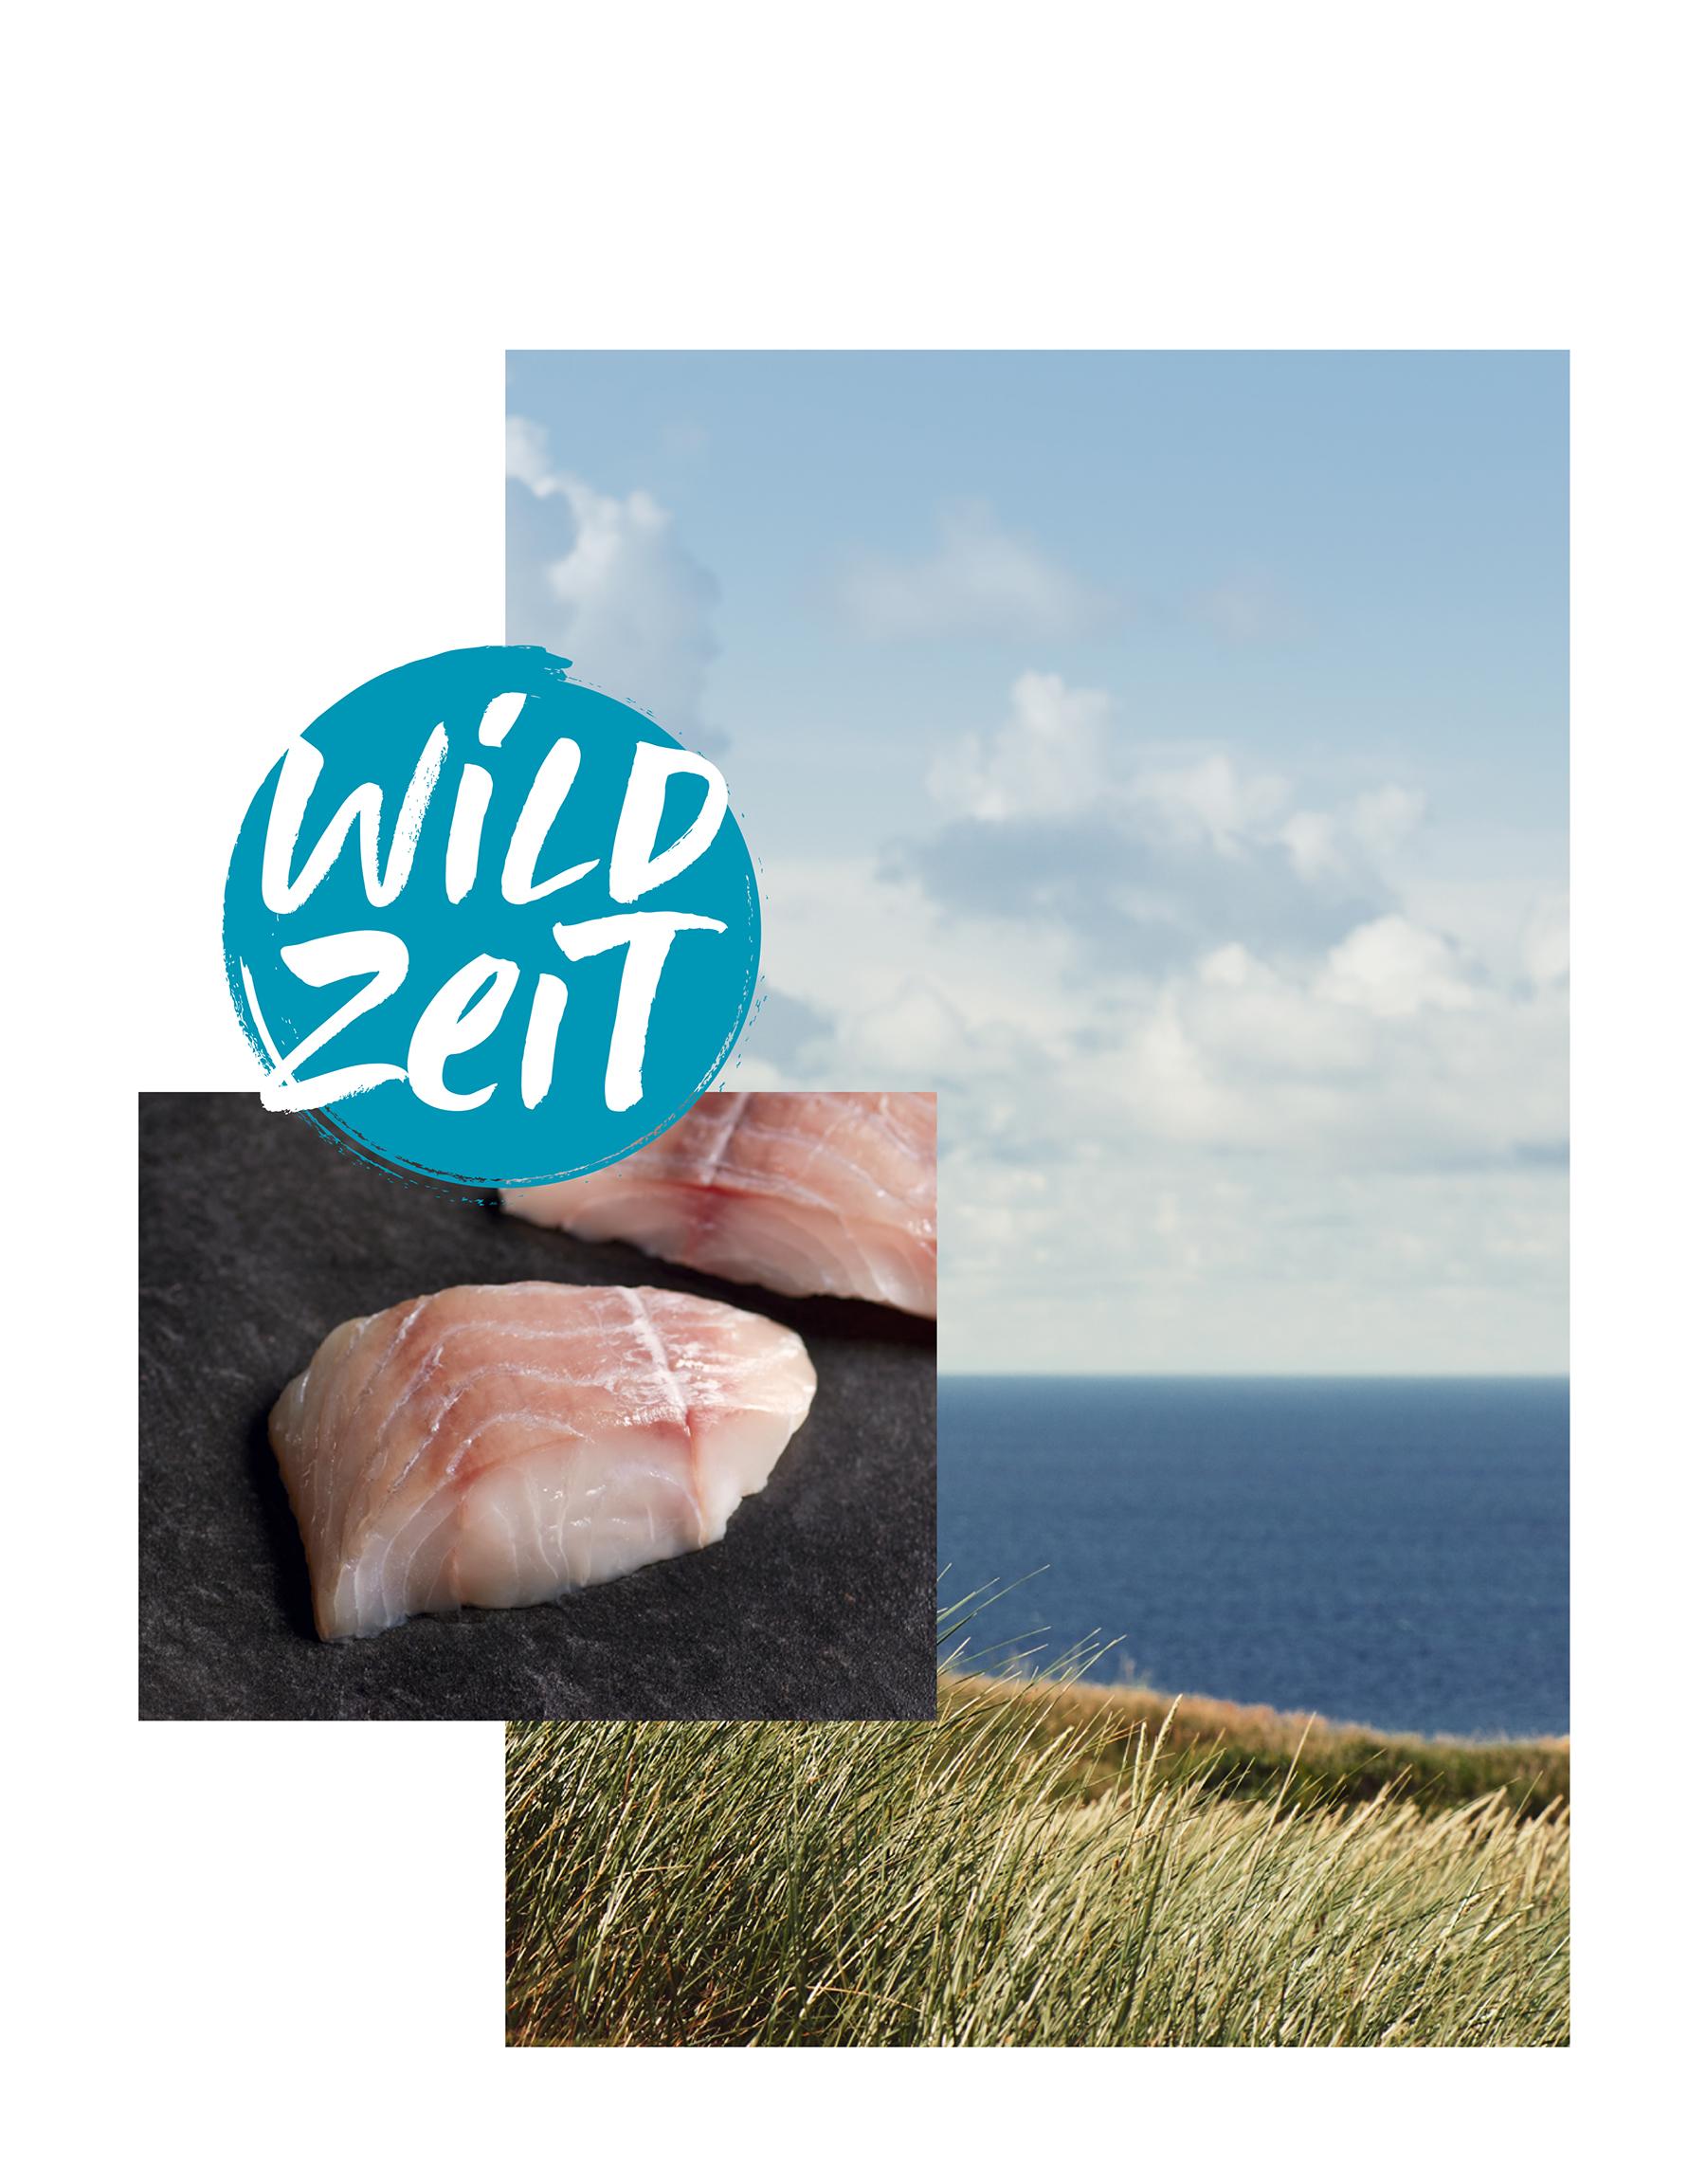 wildzeit Brand by Marta Ricci Design